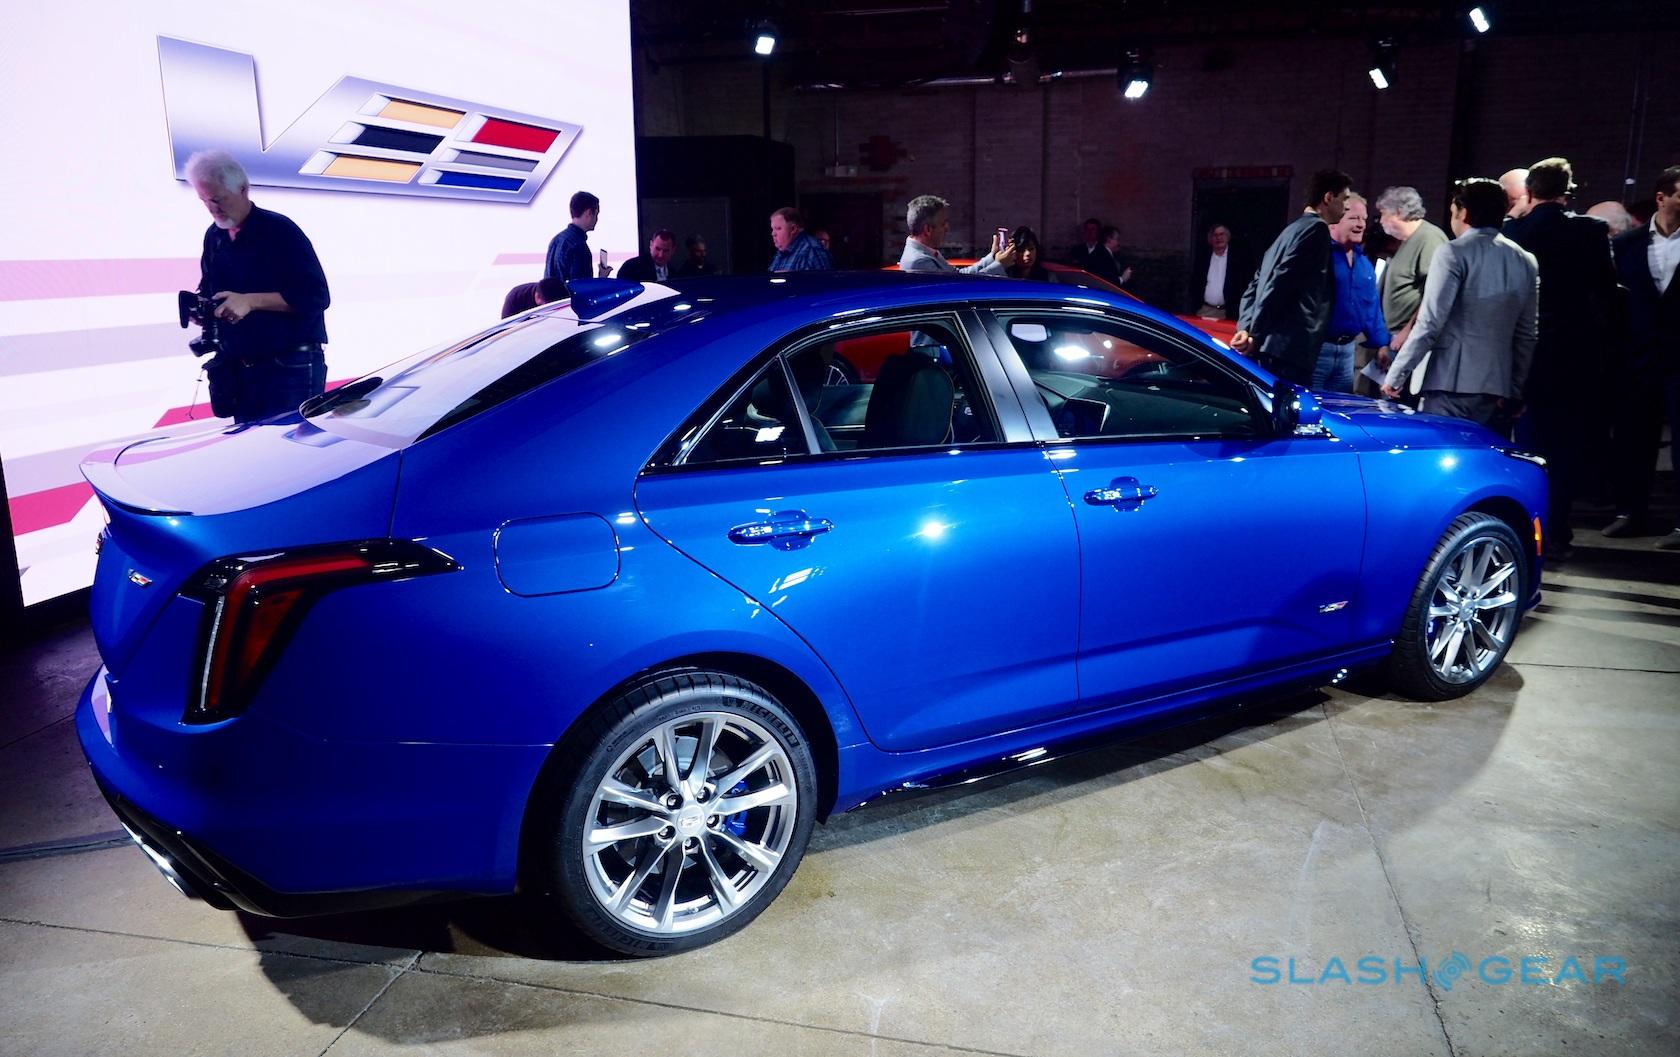 2020 Cadillac CT4-V and CT5-V Gallery - SlashGear